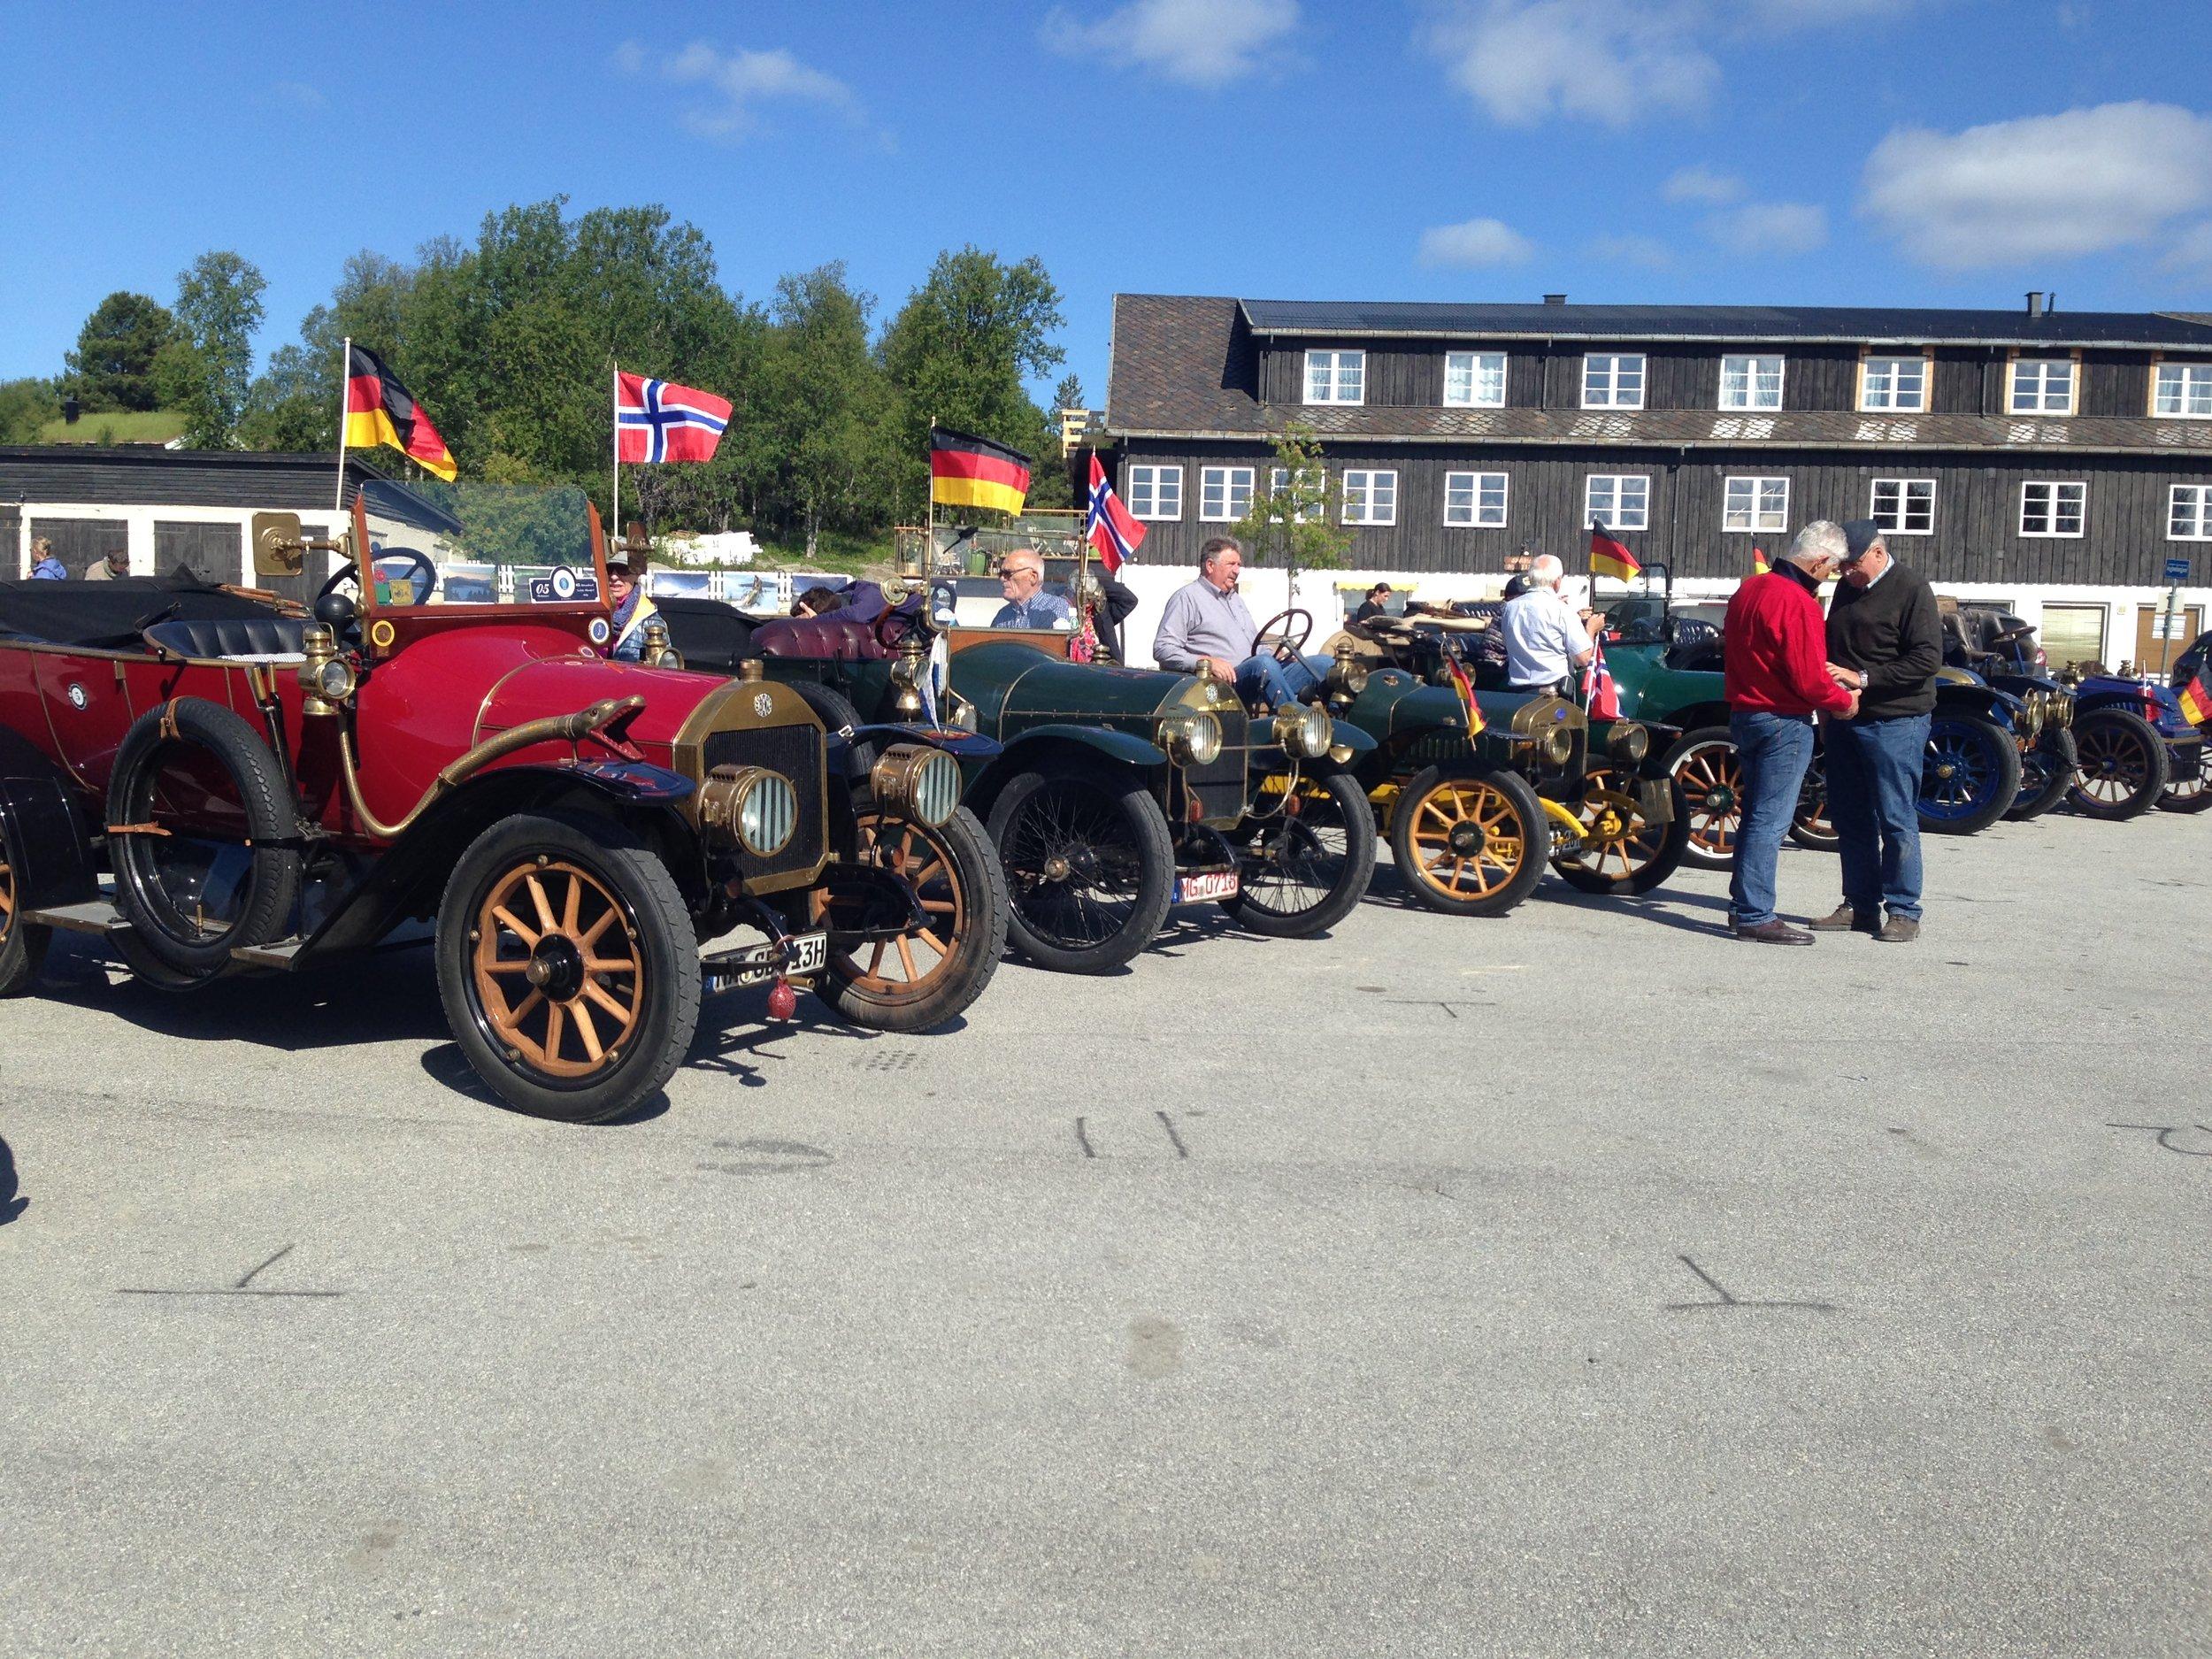 Indrefileten av de virkelig gamle veteranbilene i Tyskland, den eldste fra 1903.